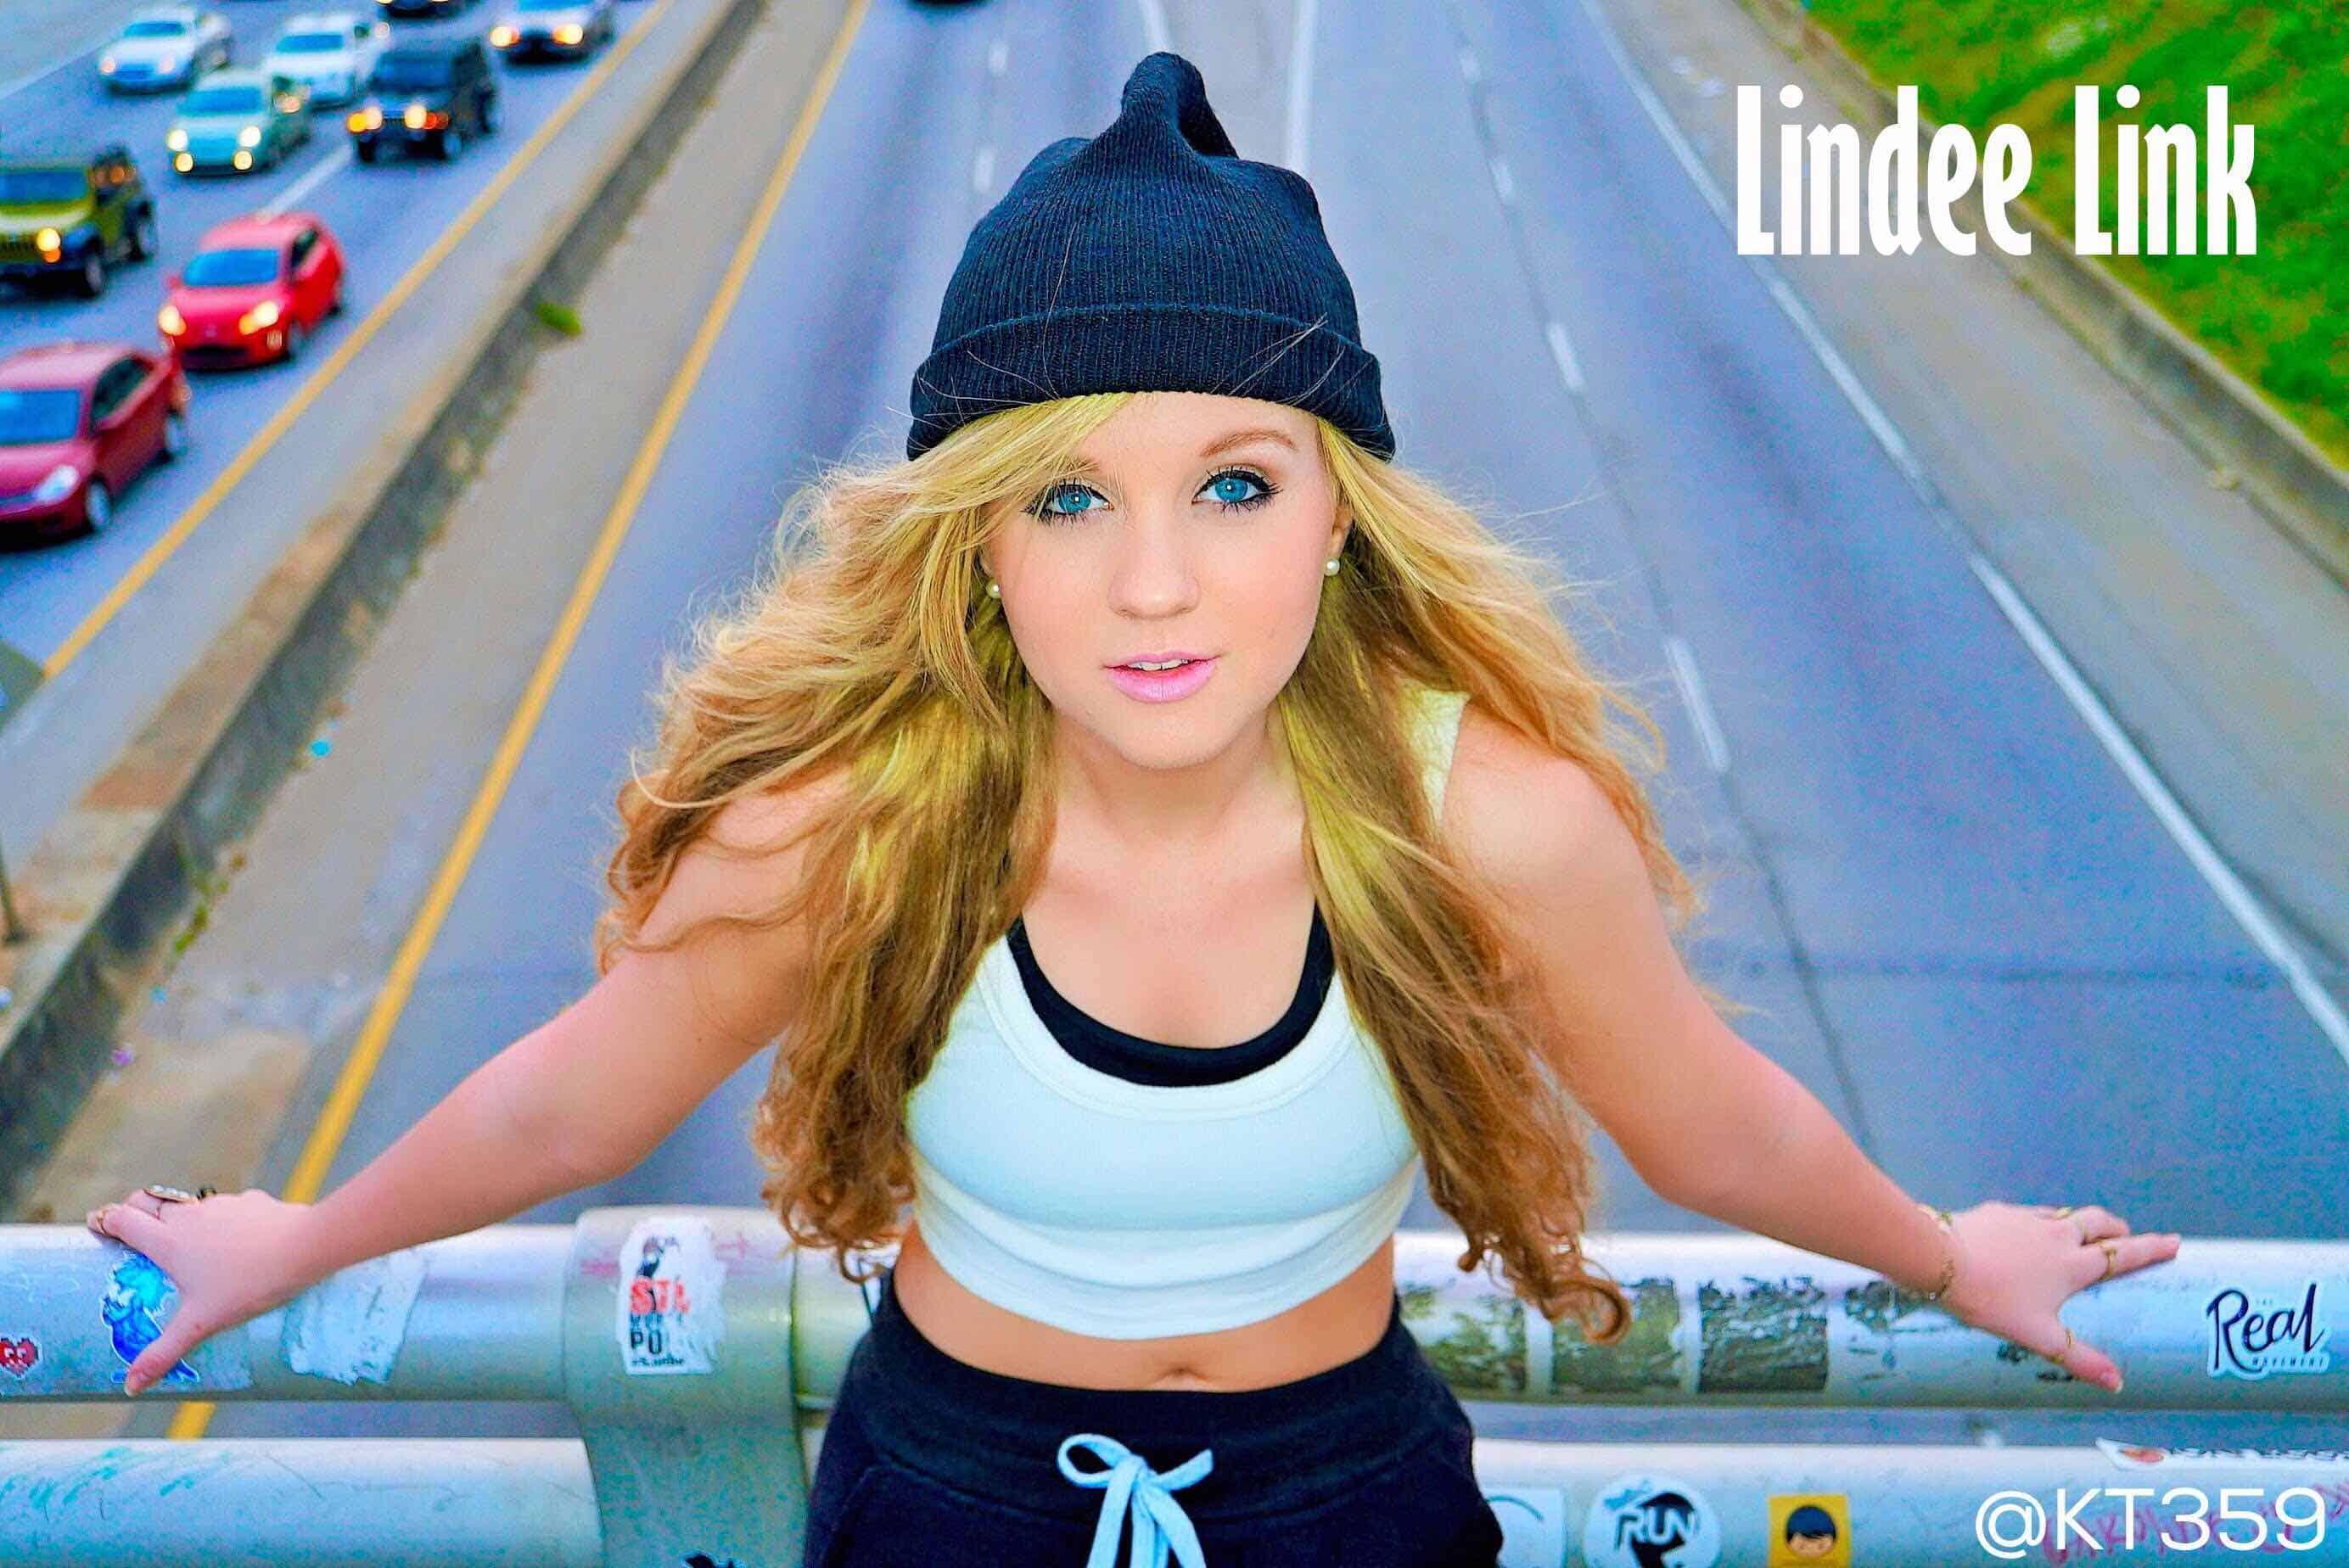 Lindee Link